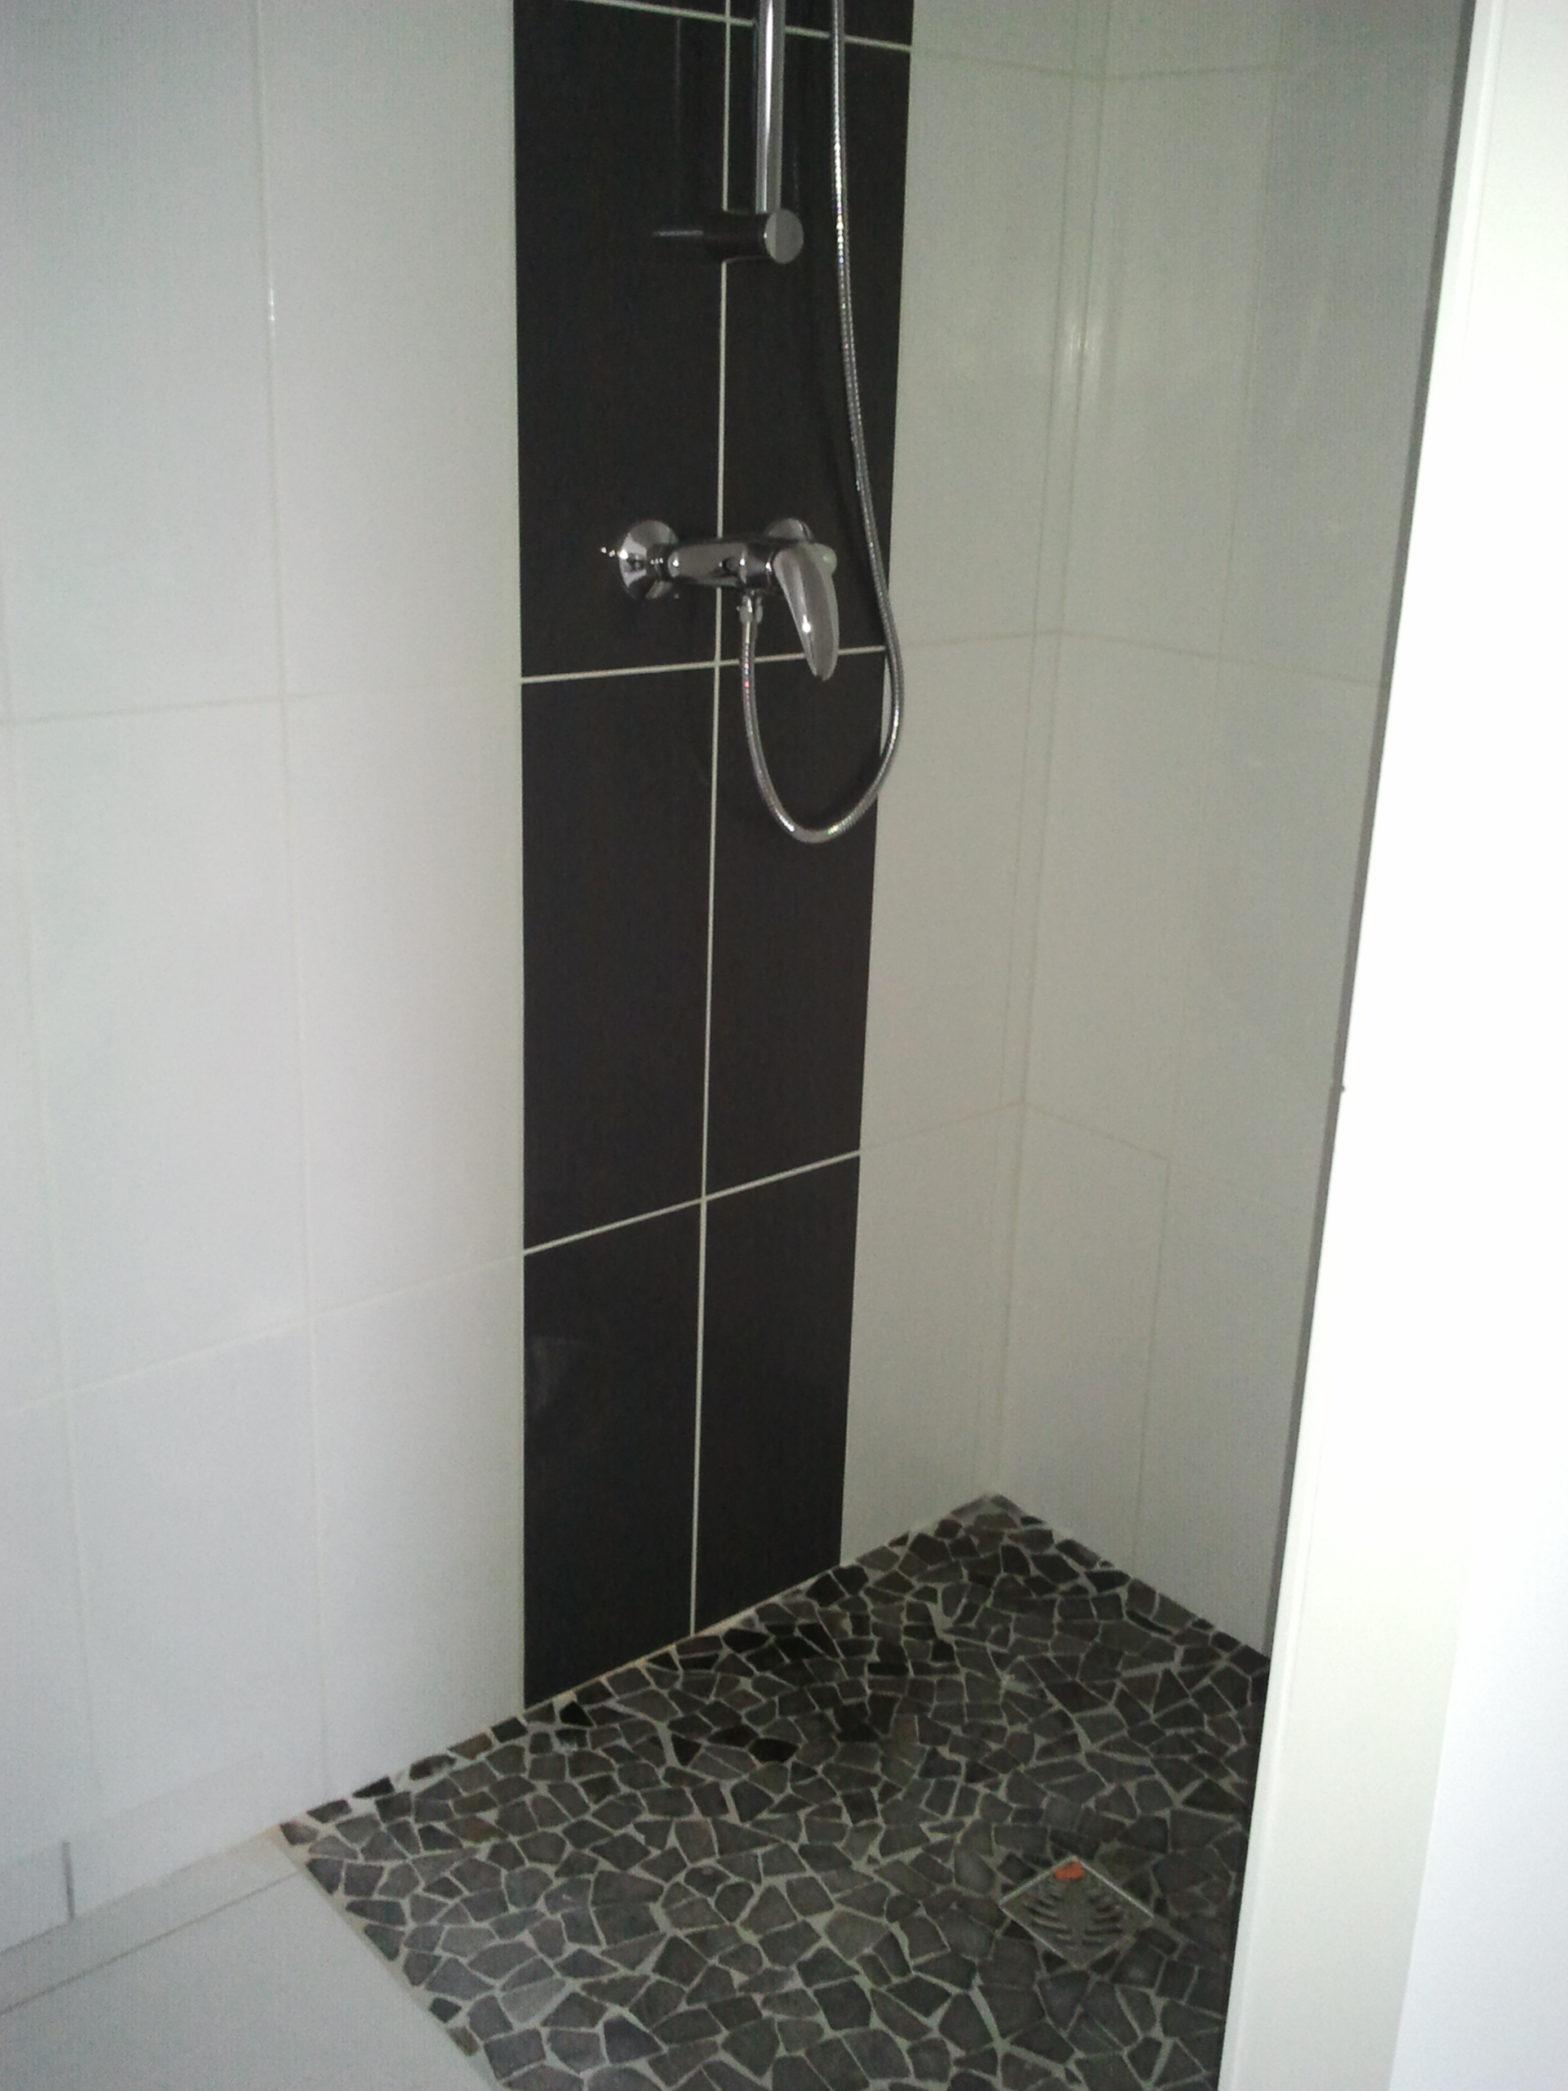 sanitaire-faience-douche-italienne-saint-george-sur-loire